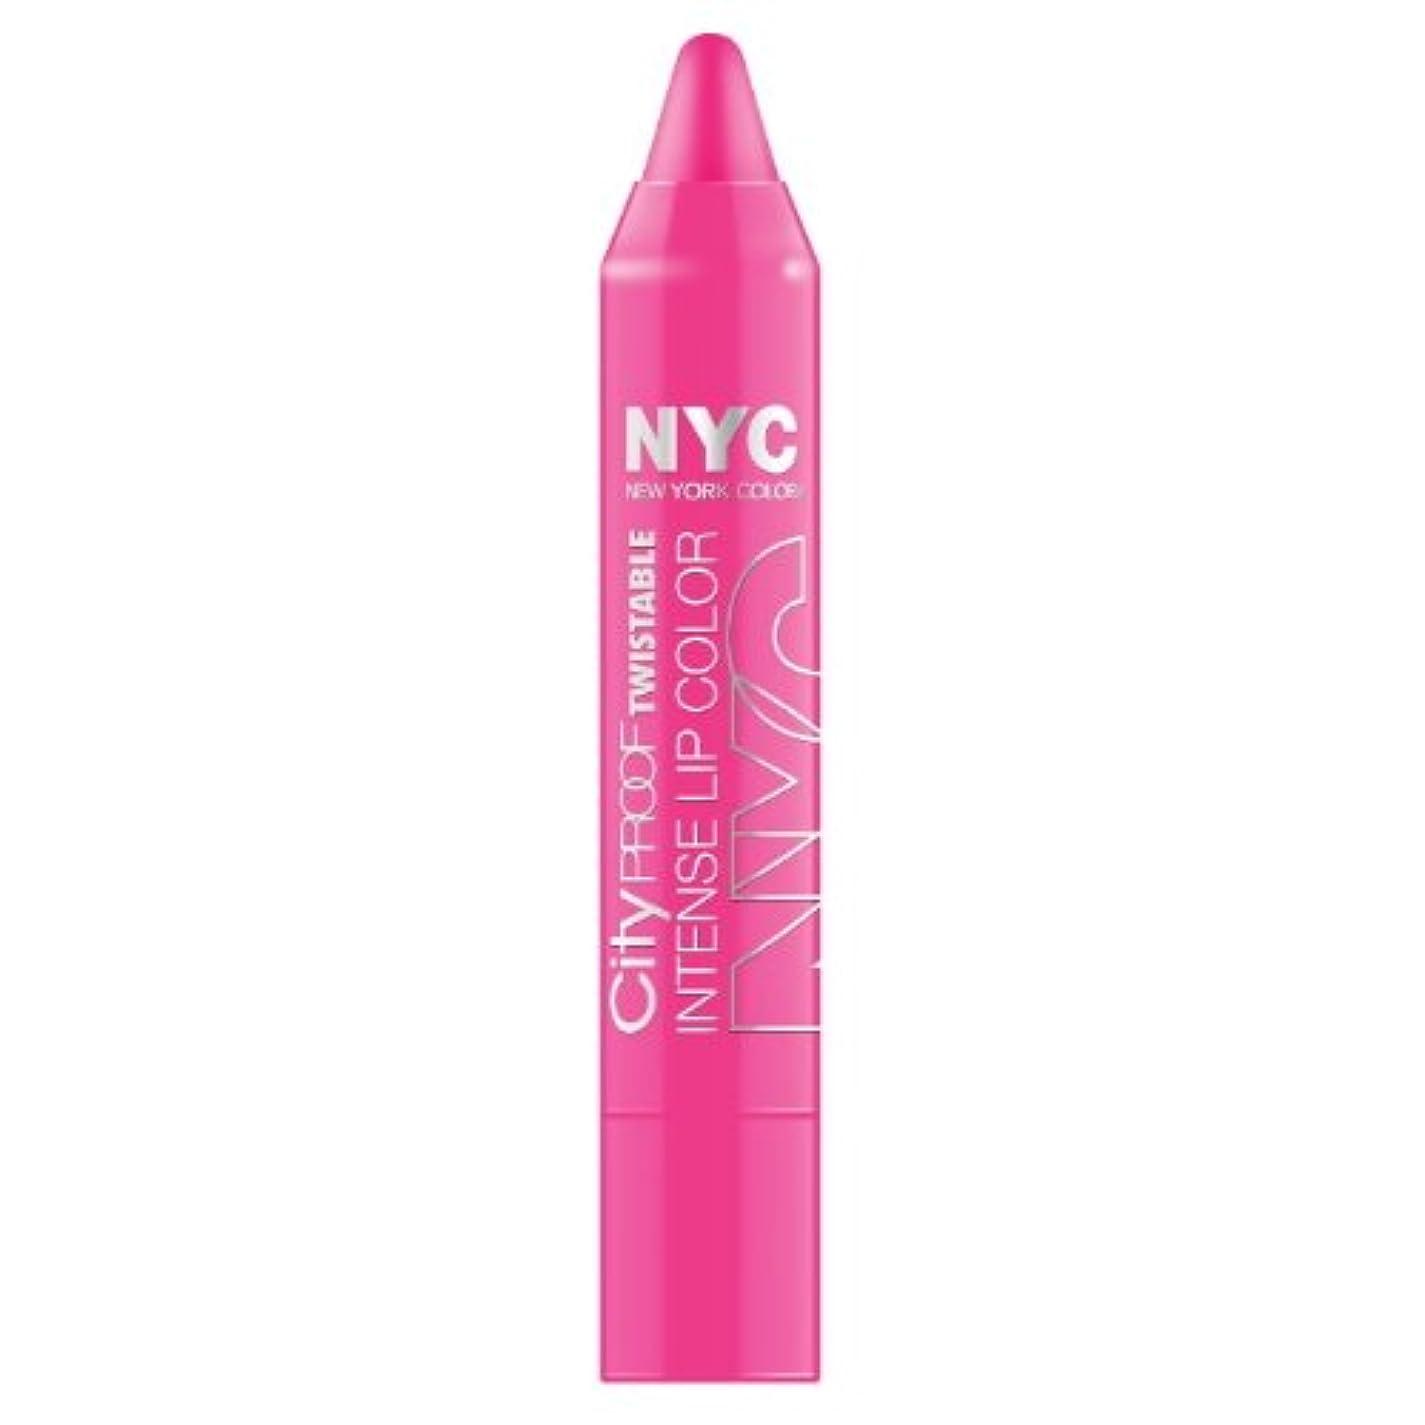 倉庫ズボン地中海(3 Pack) NYC City Proof Twistable Intense Lip Color - Fulton St Fuchsia (並行輸入品)